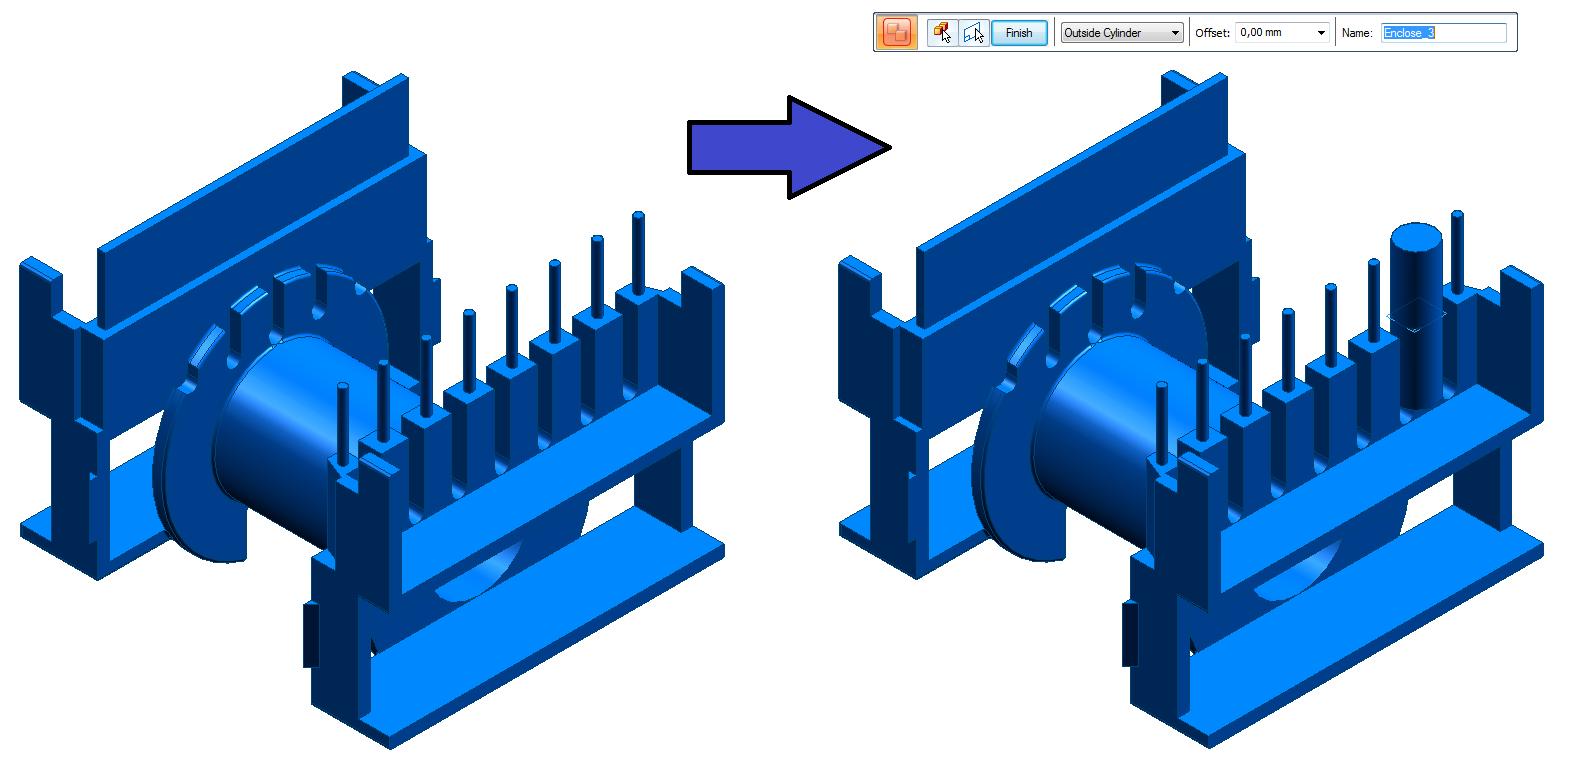 Wykorzystanie funkcji Enclosure z opcją Outside Cylinder (Walec zewnętrzny)